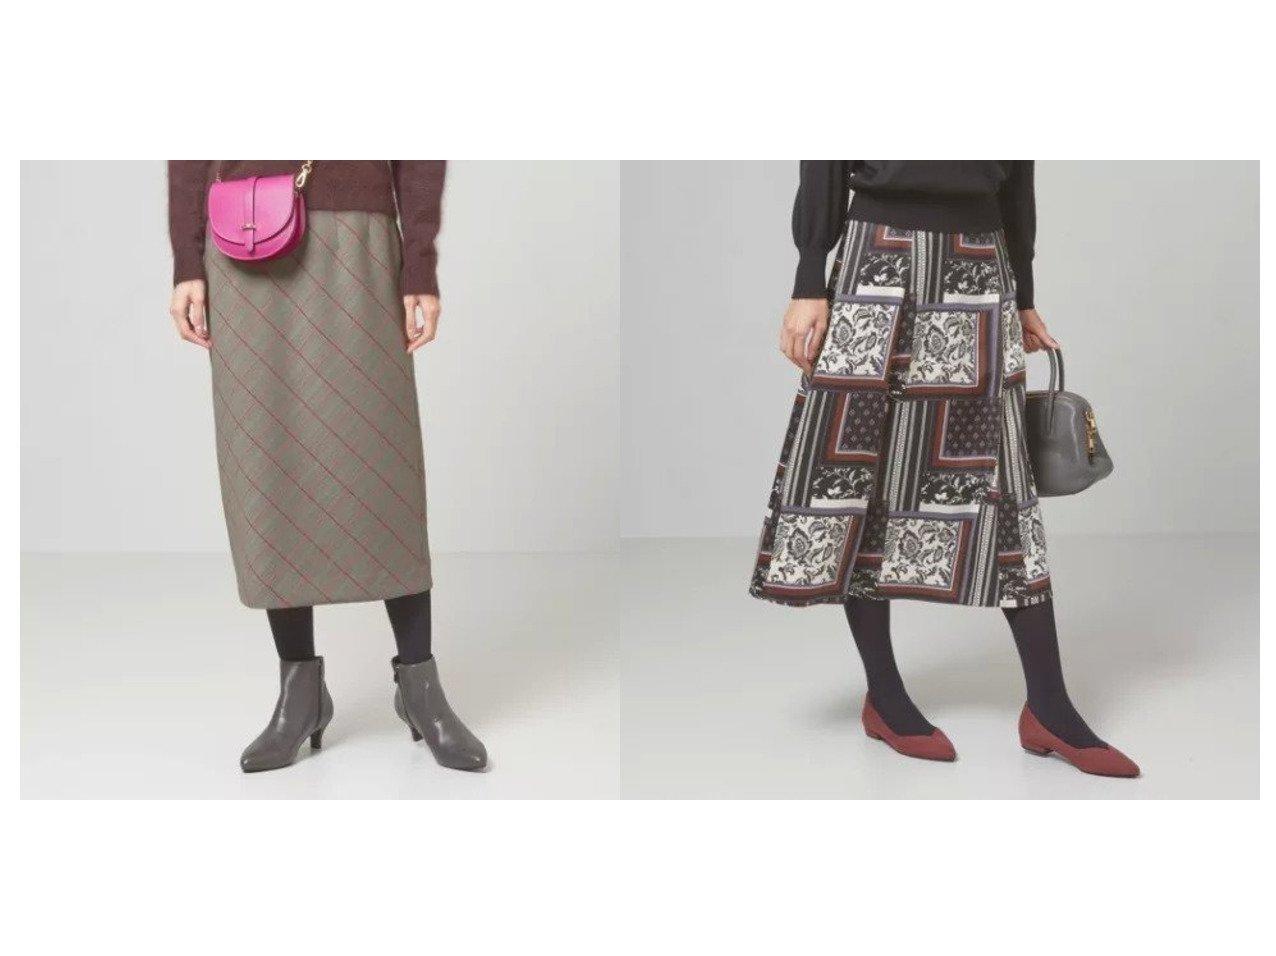 【THE STATION STORE/ザ ステーション ストア ユナイテッドアローズ】のbiasチェック ミドル Iラインスカート -手洗い可能-&スカーフプリントFLR スカート -手洗い可能- スカートのおすすめ!人気、レディースファッションの通販 おすすめで人気のファッション通販商品 インテリア・家具・キッズファッション・メンズファッション・レディースファッション・服の通販 founy(ファニー) https://founy.com/ ファッション Fashion レディース WOMEN スカート Skirt クラシカル シンプル チェック ヘリンボーン ミドル ロング  ID:crp329100000002691